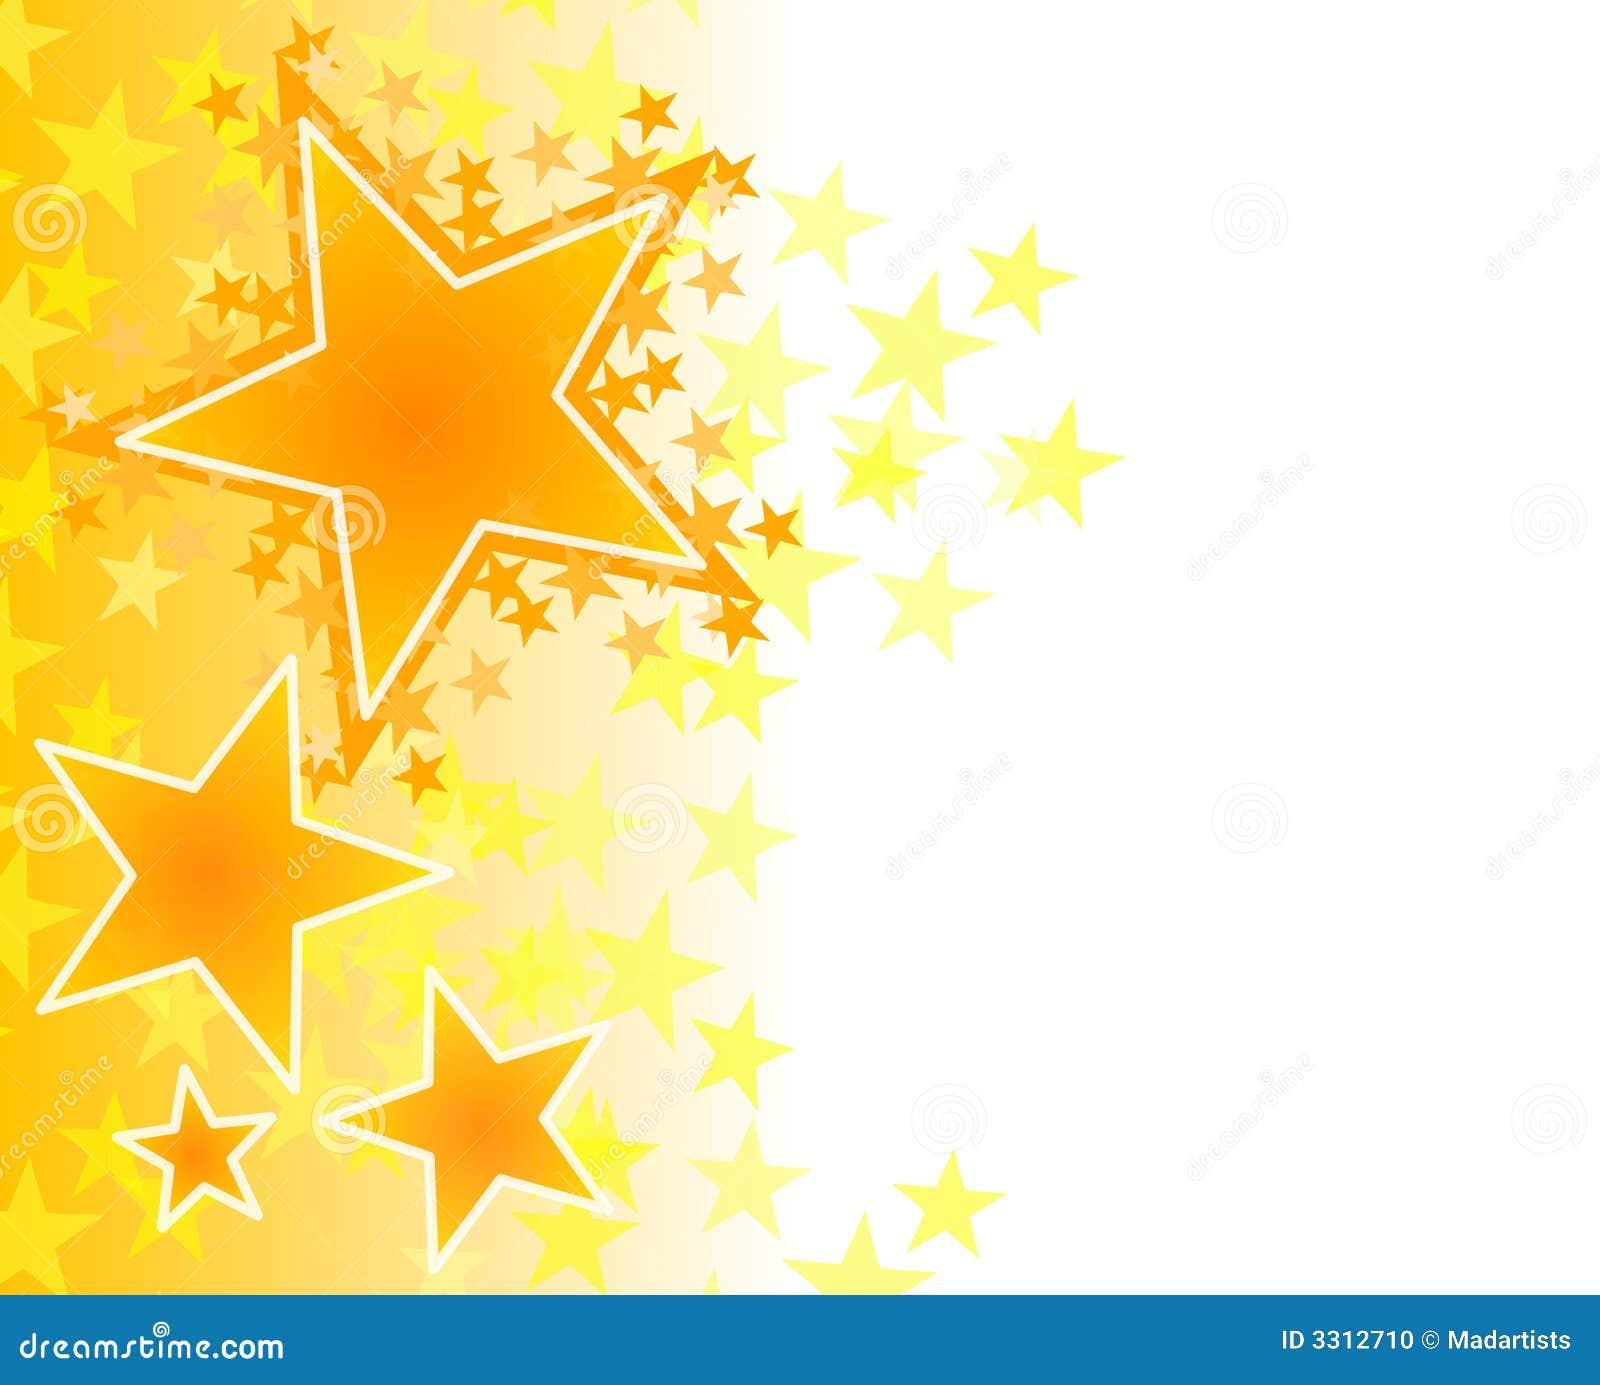 Tło złota fadingu gwiazdy